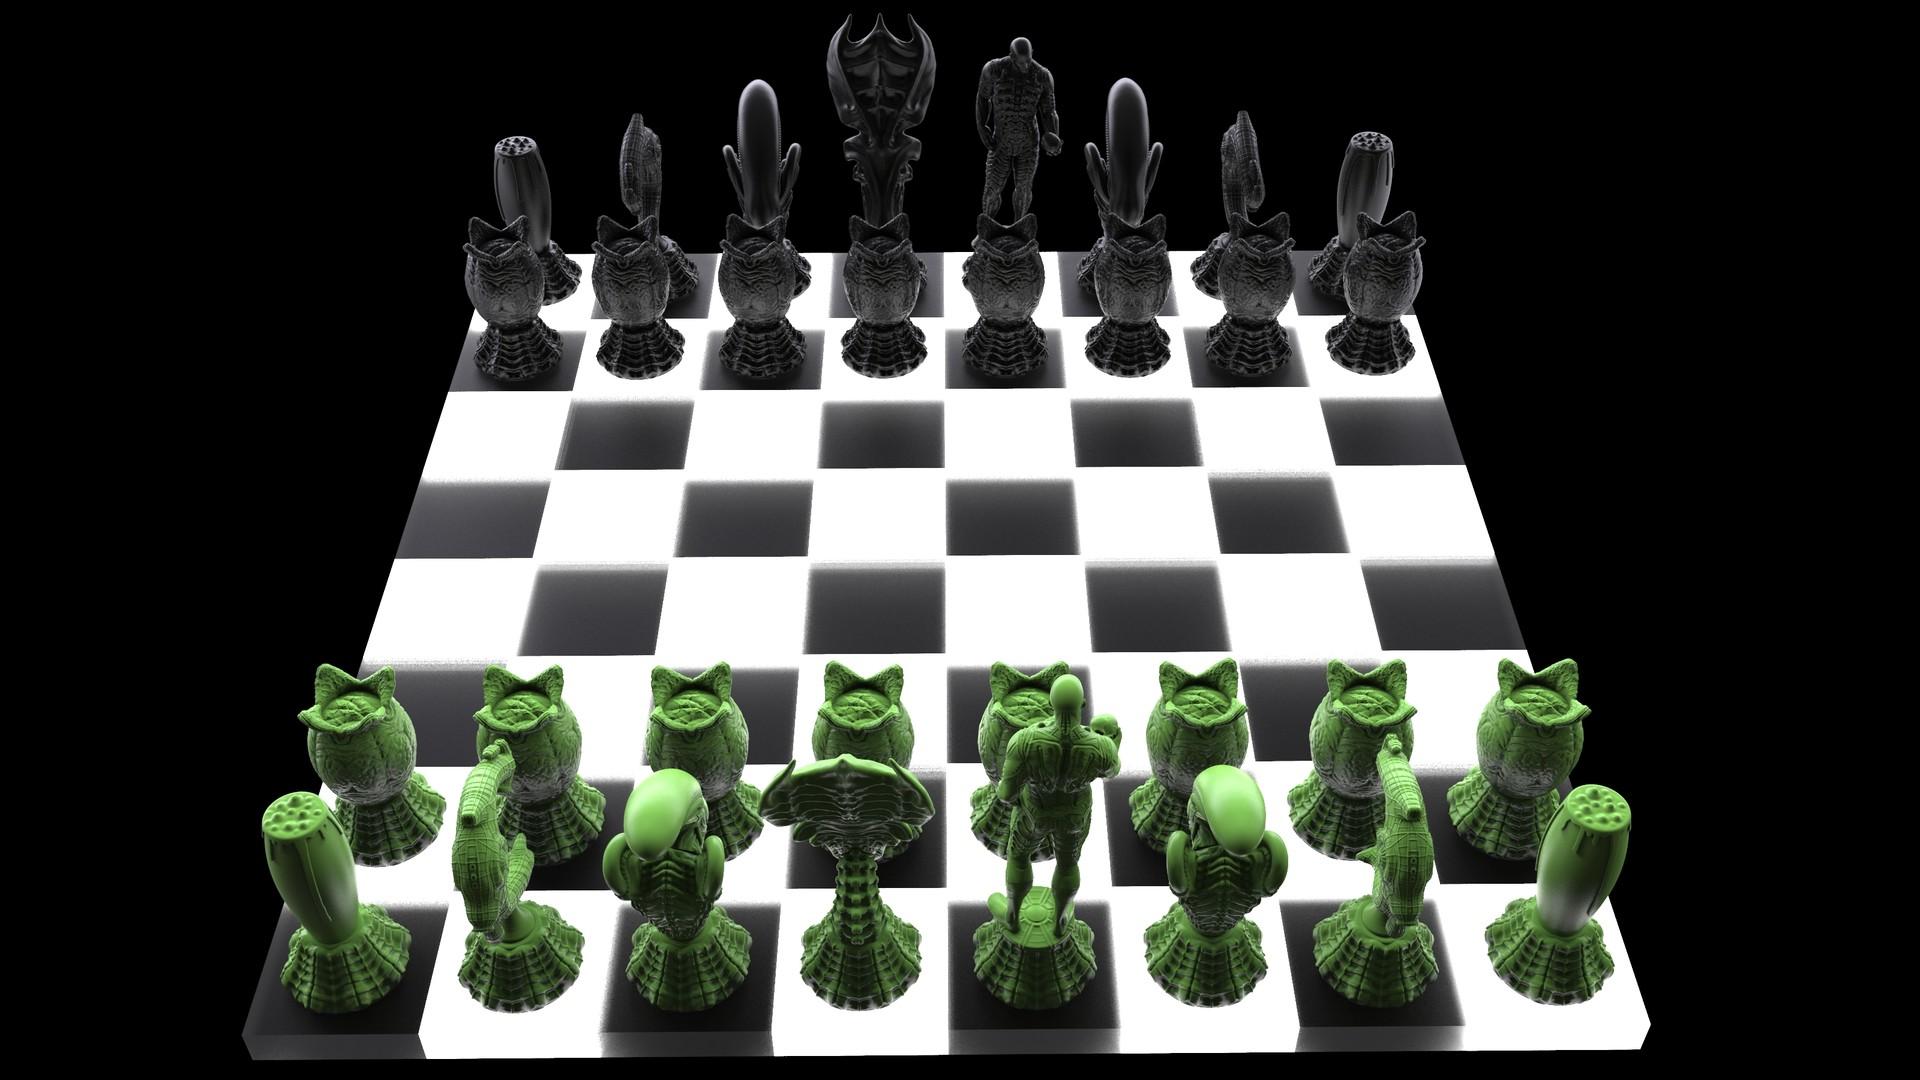 Ken calvert alien chess renders 1070